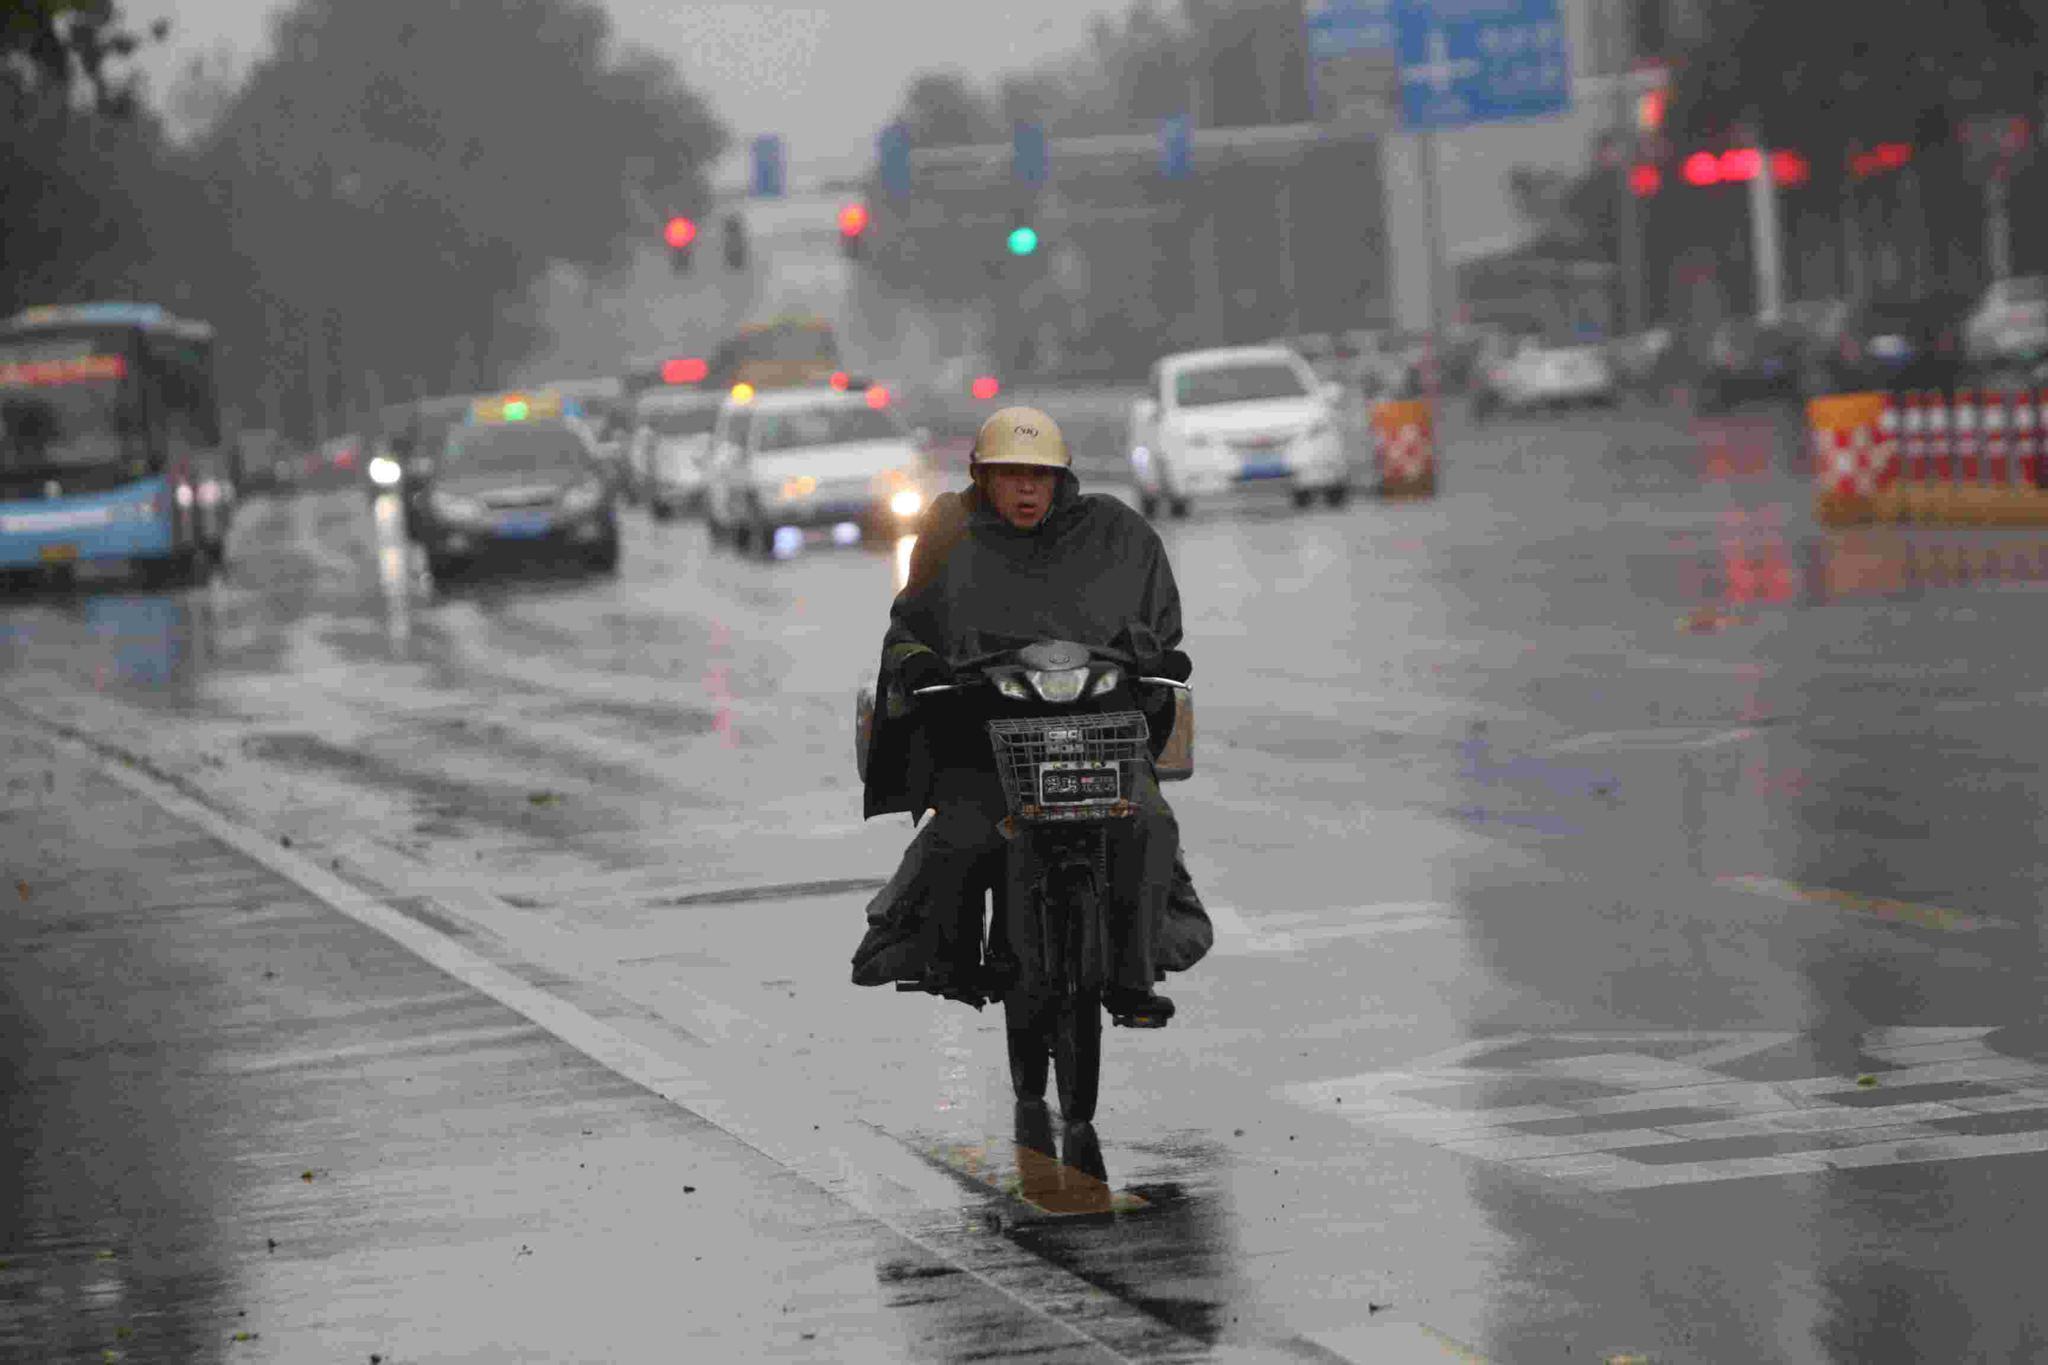 出门记得带雨具 江西未来5天有?#20013;?#38477;雨 局部有暴雨